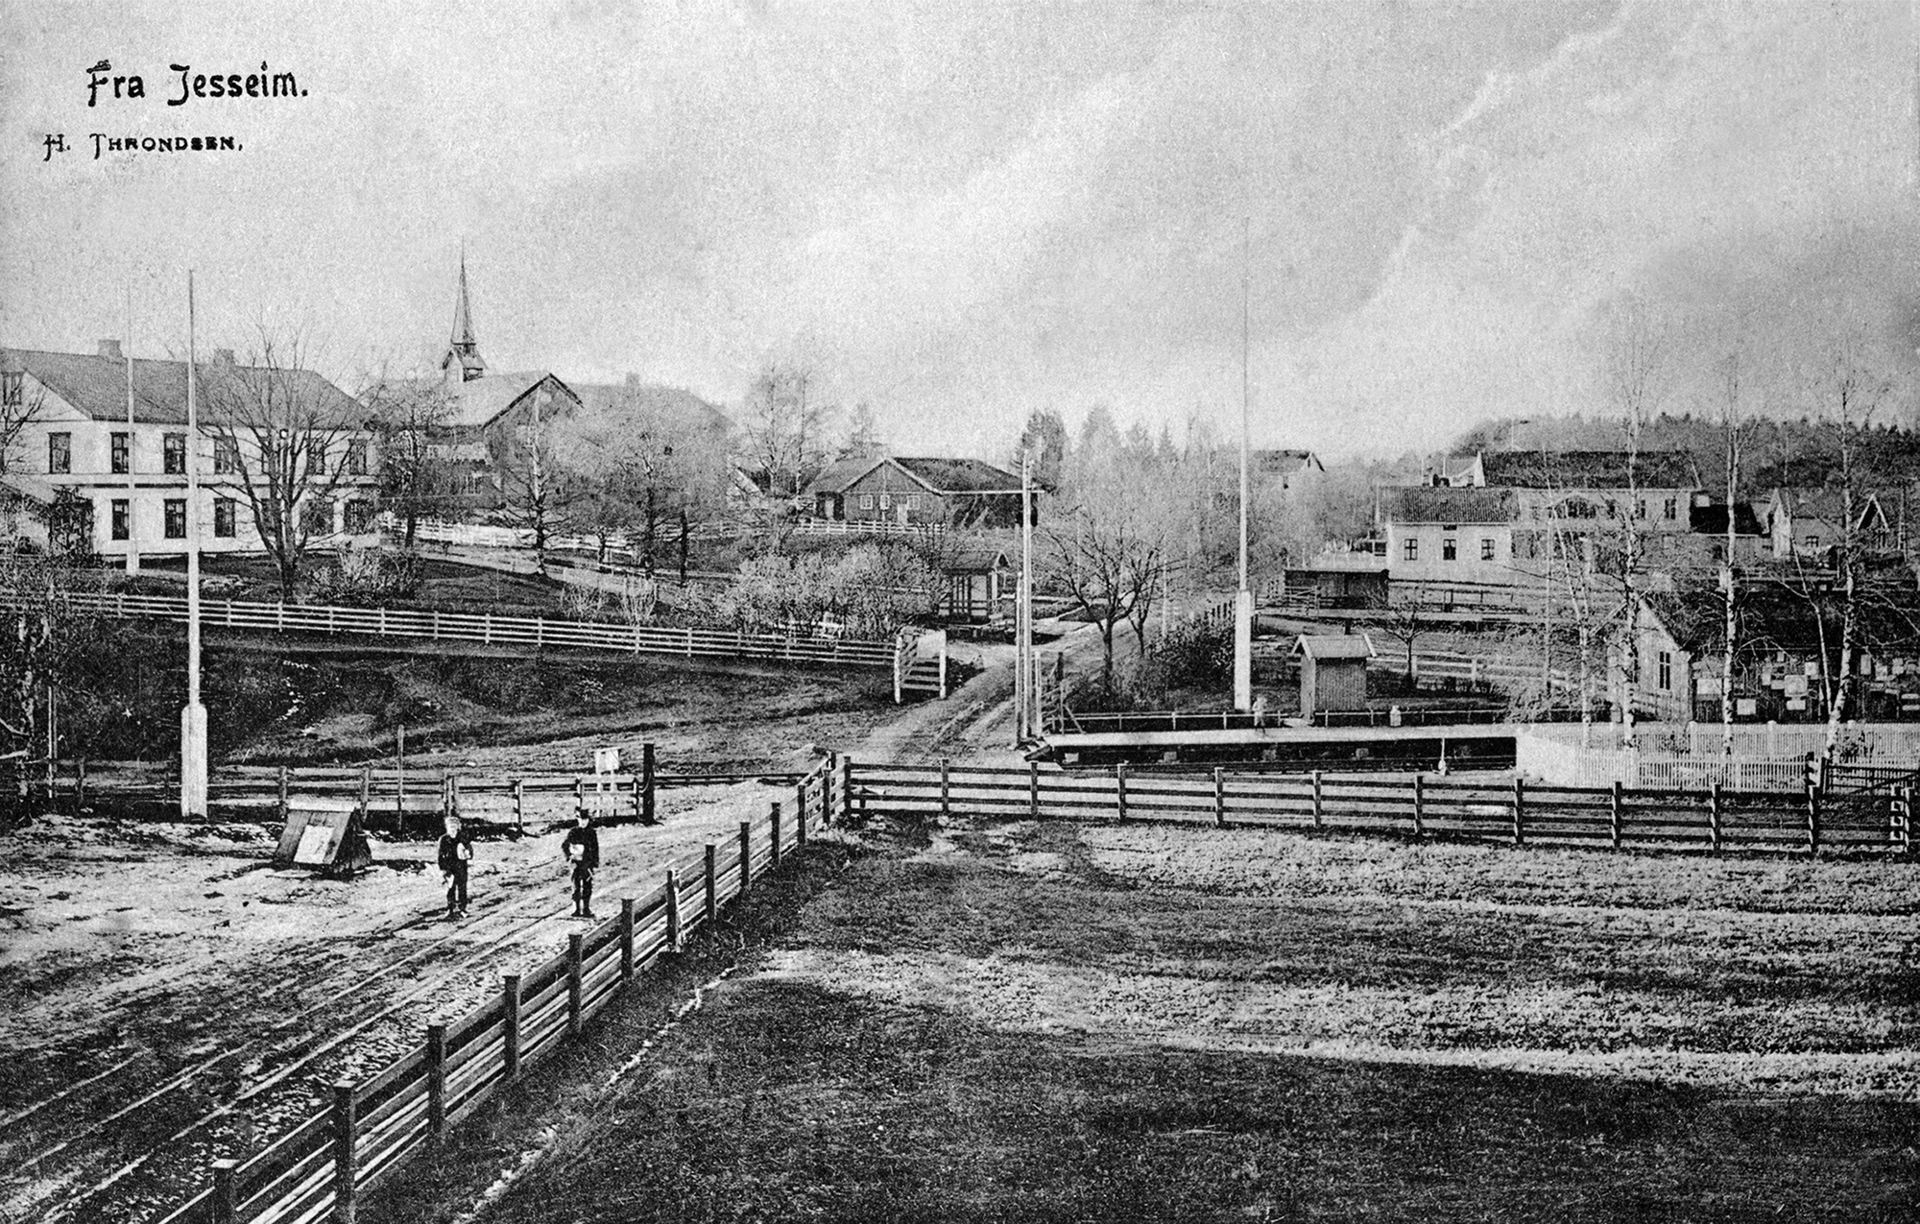 jessheim_rett-etter-1900.jpg